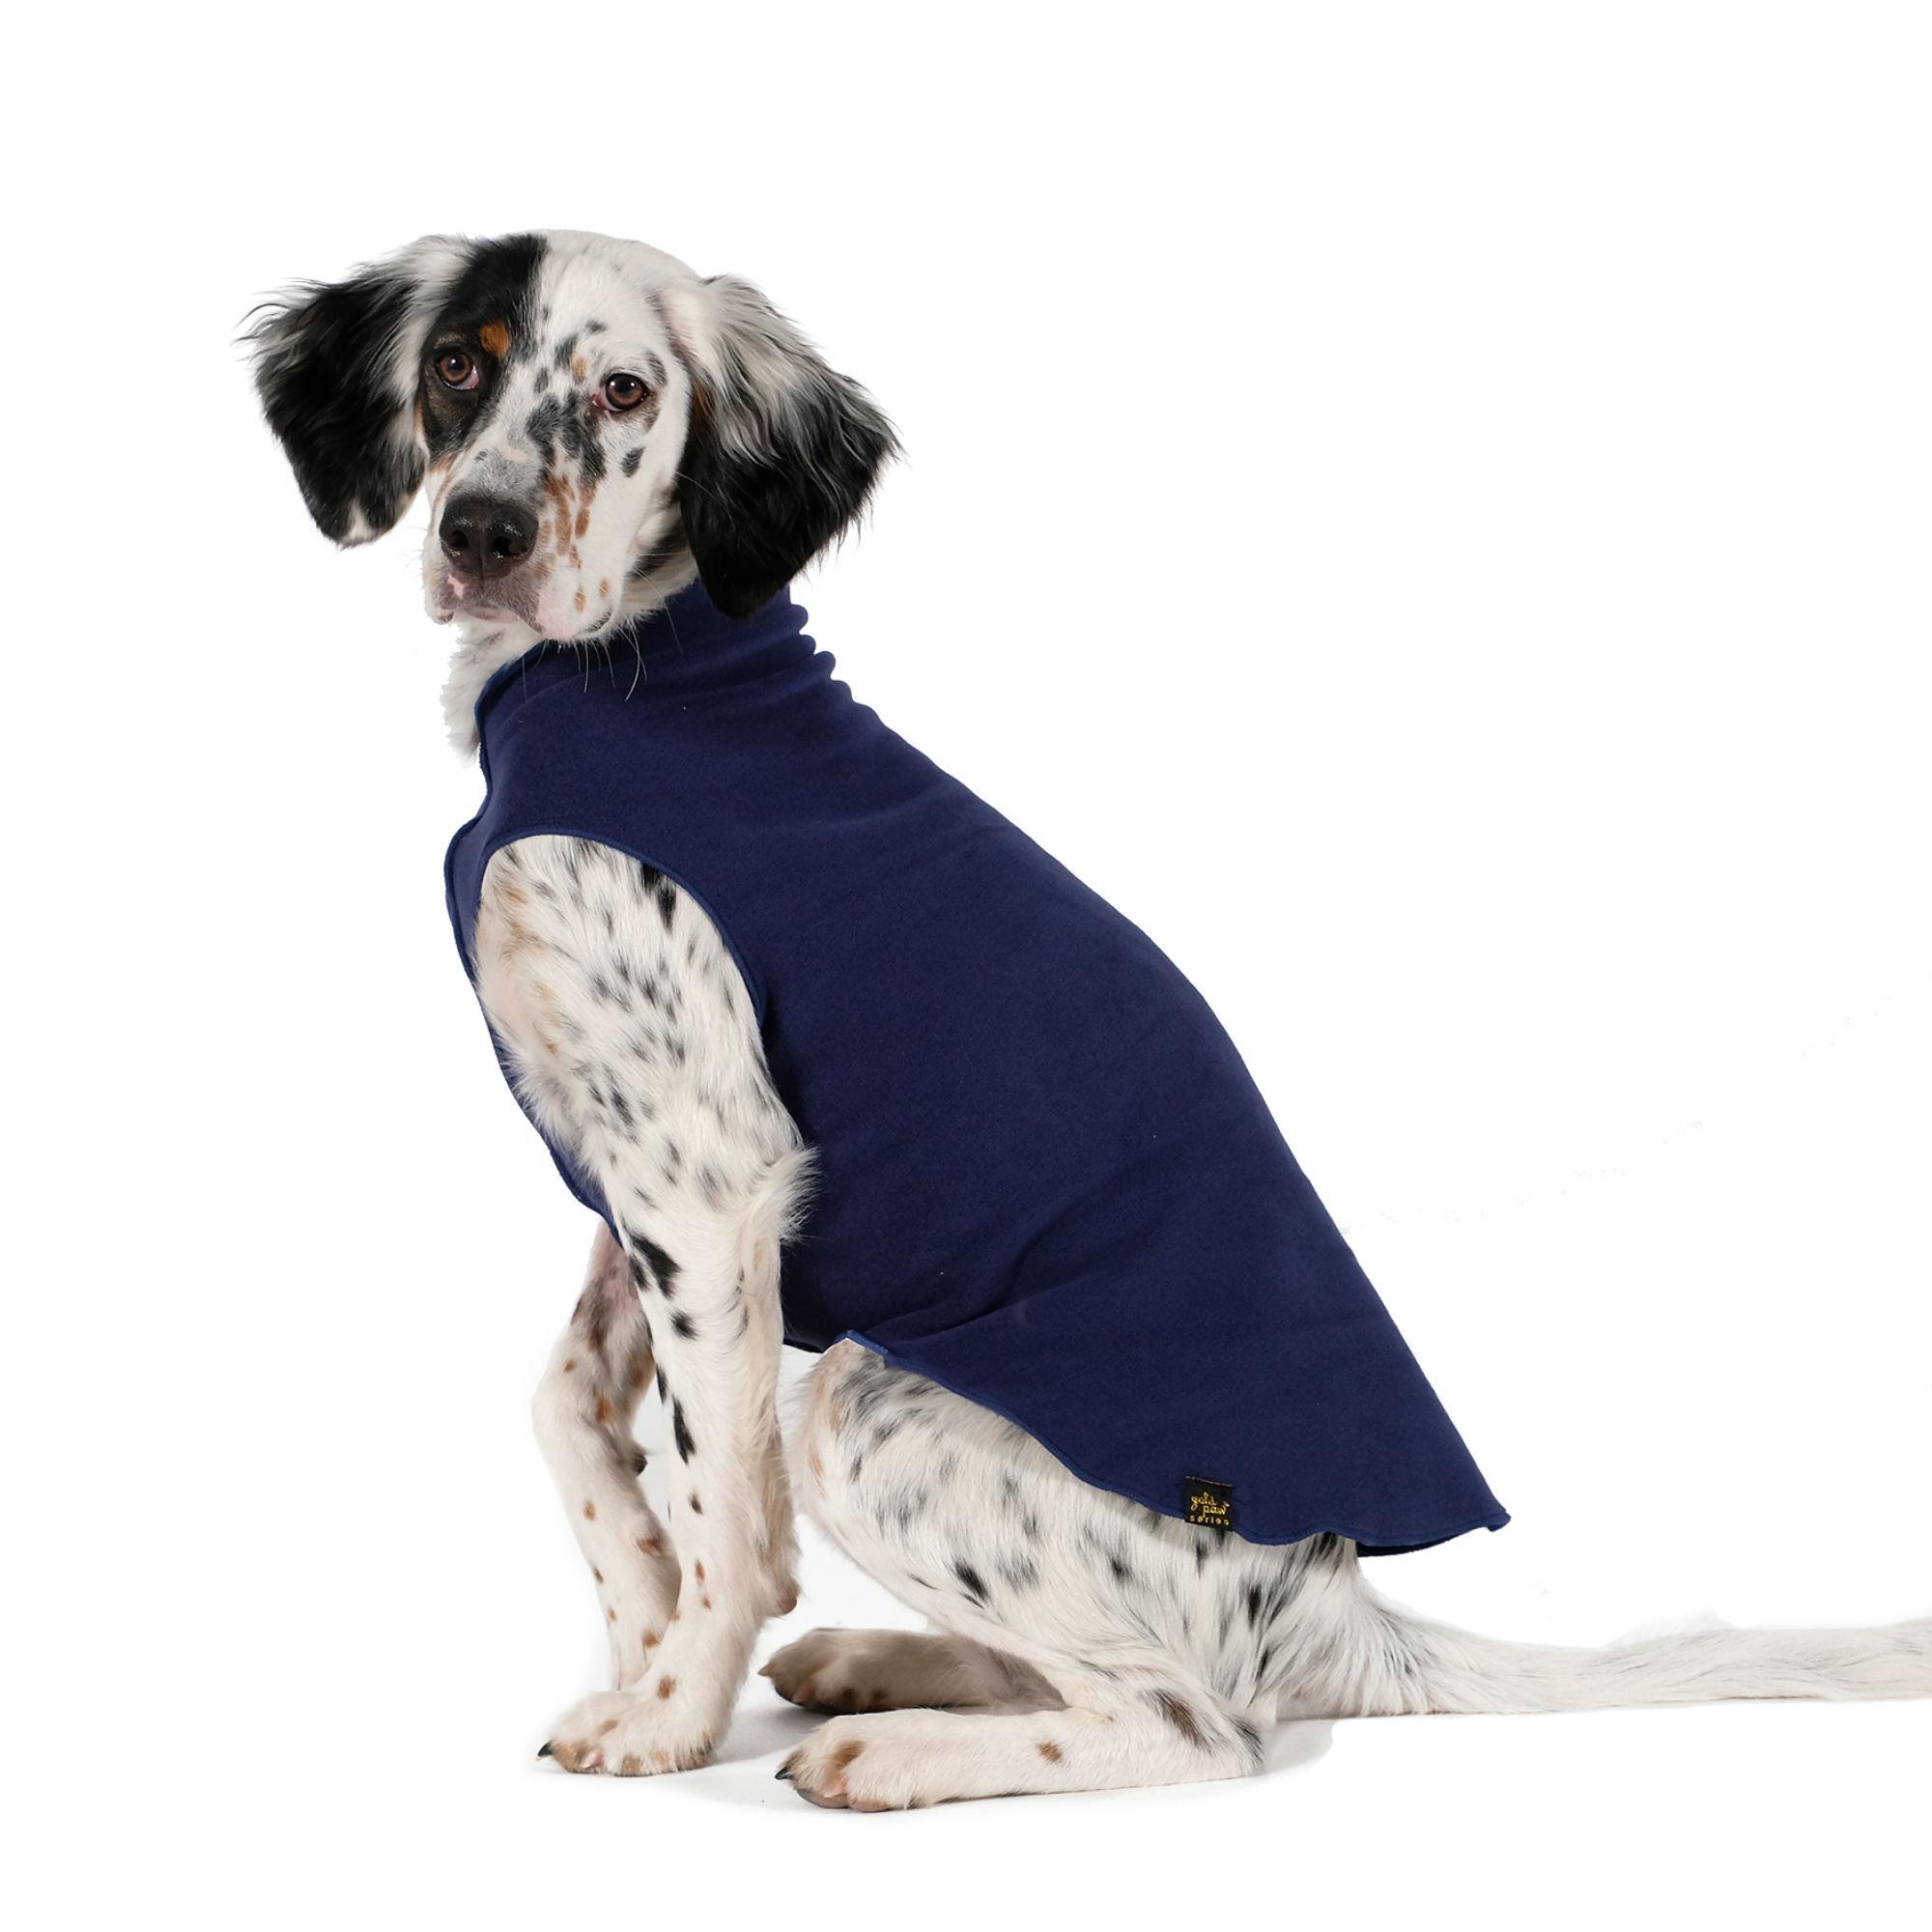 Gold Paw Fleece Dog Jacket - Navy Blue